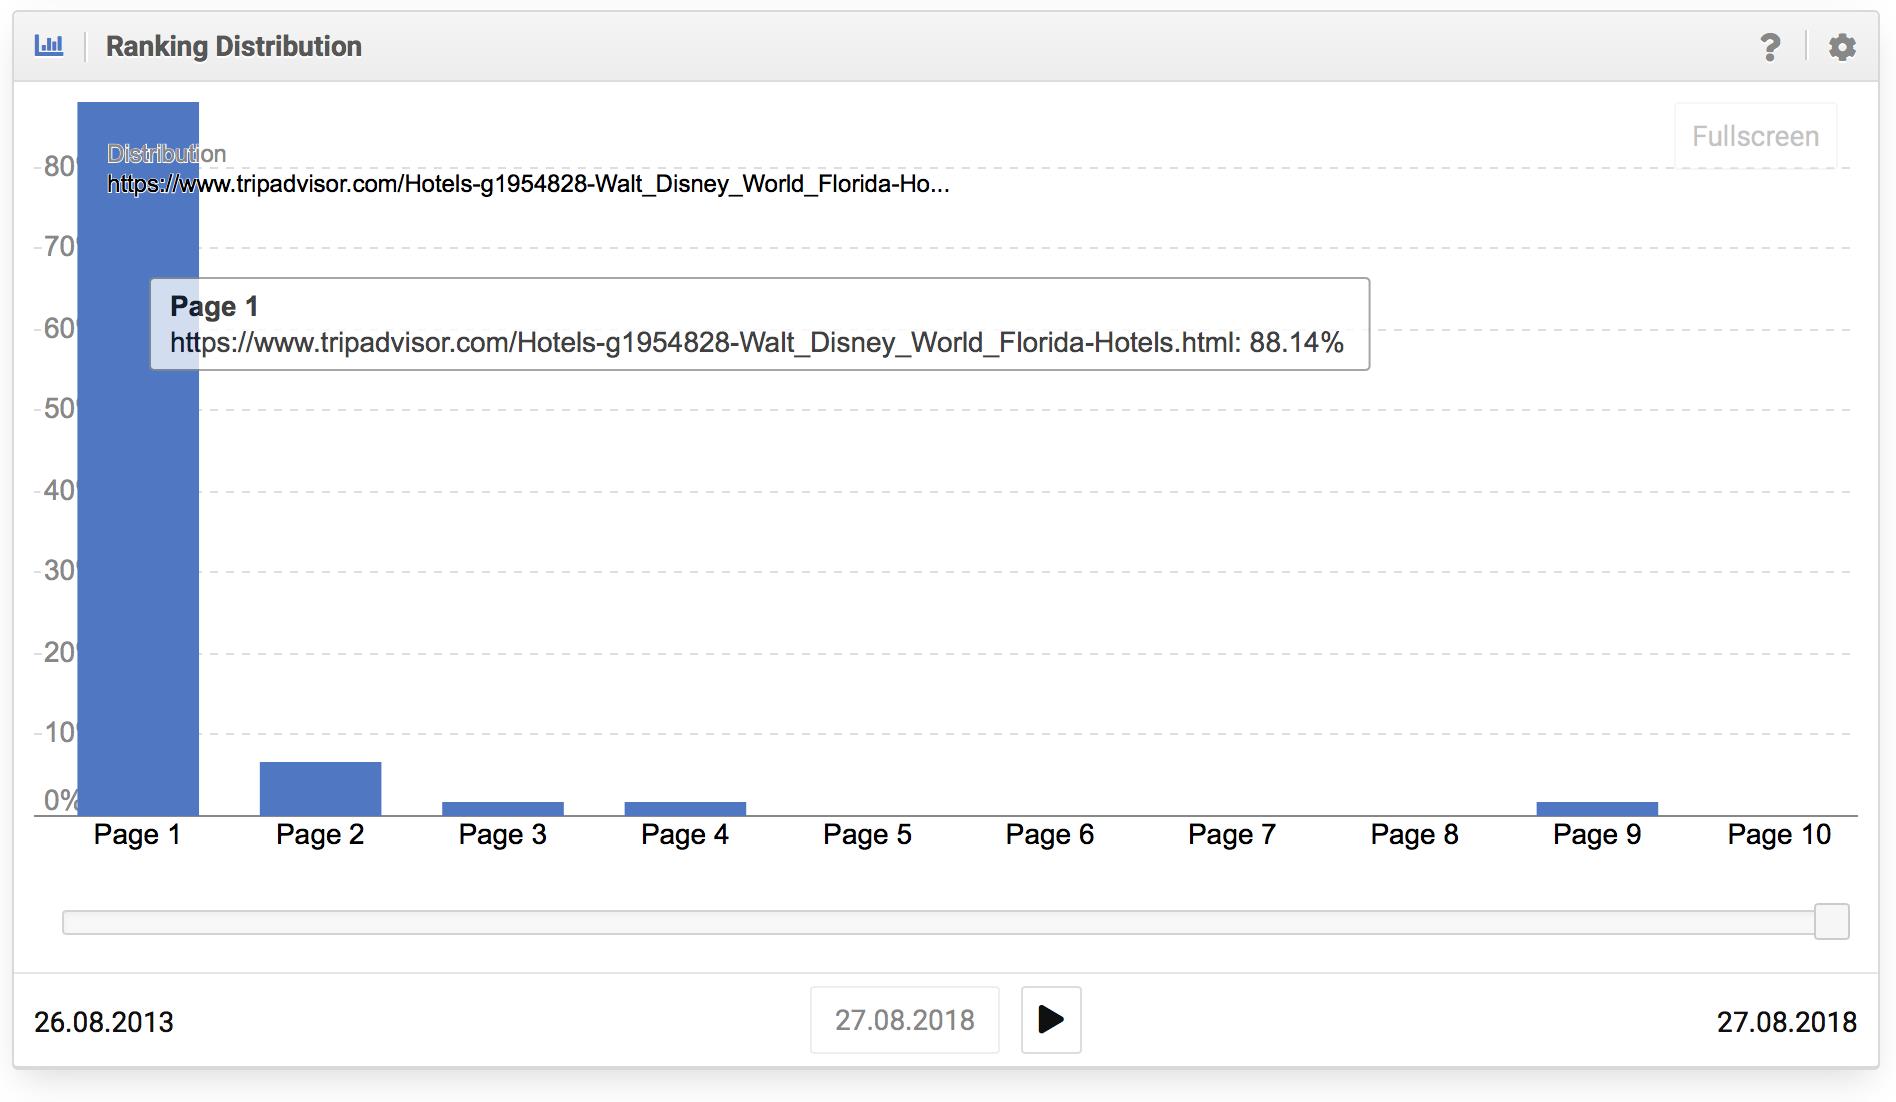 Buena distribución de los rankings de una URL individual de tripadvisor.com